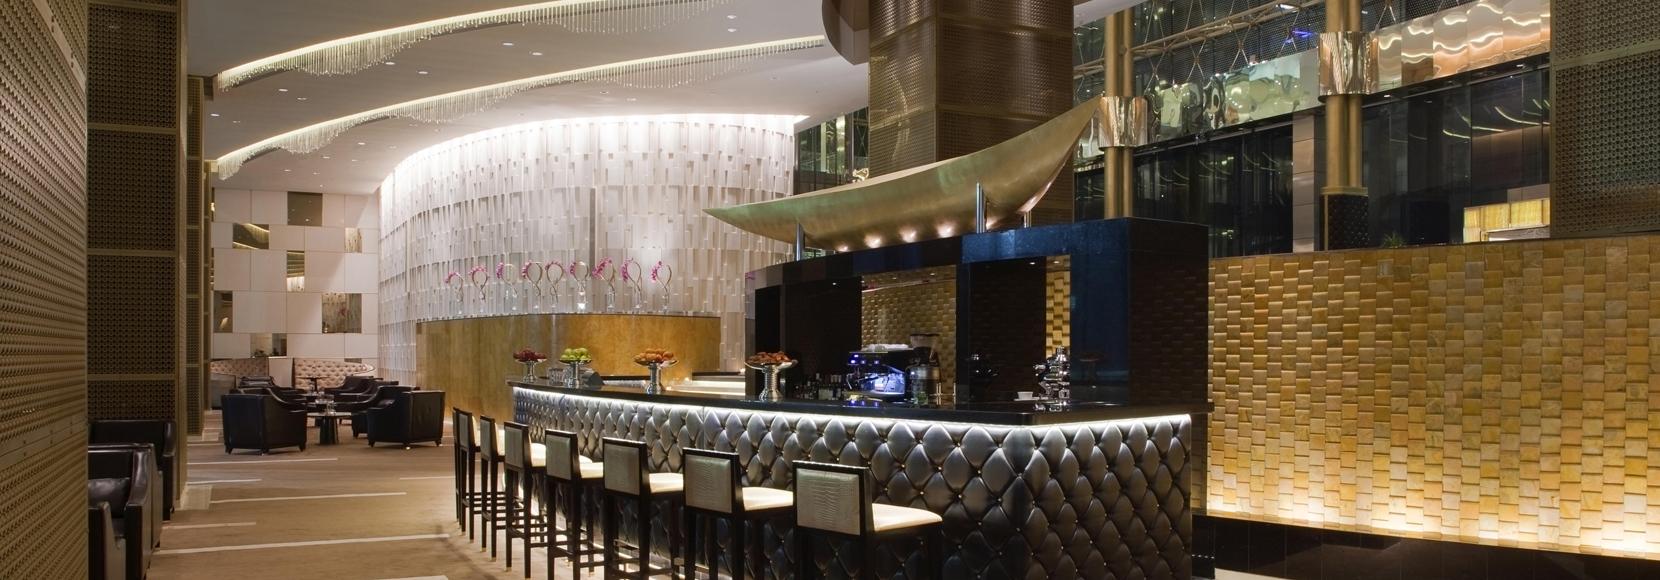 HOTEL BAR 4